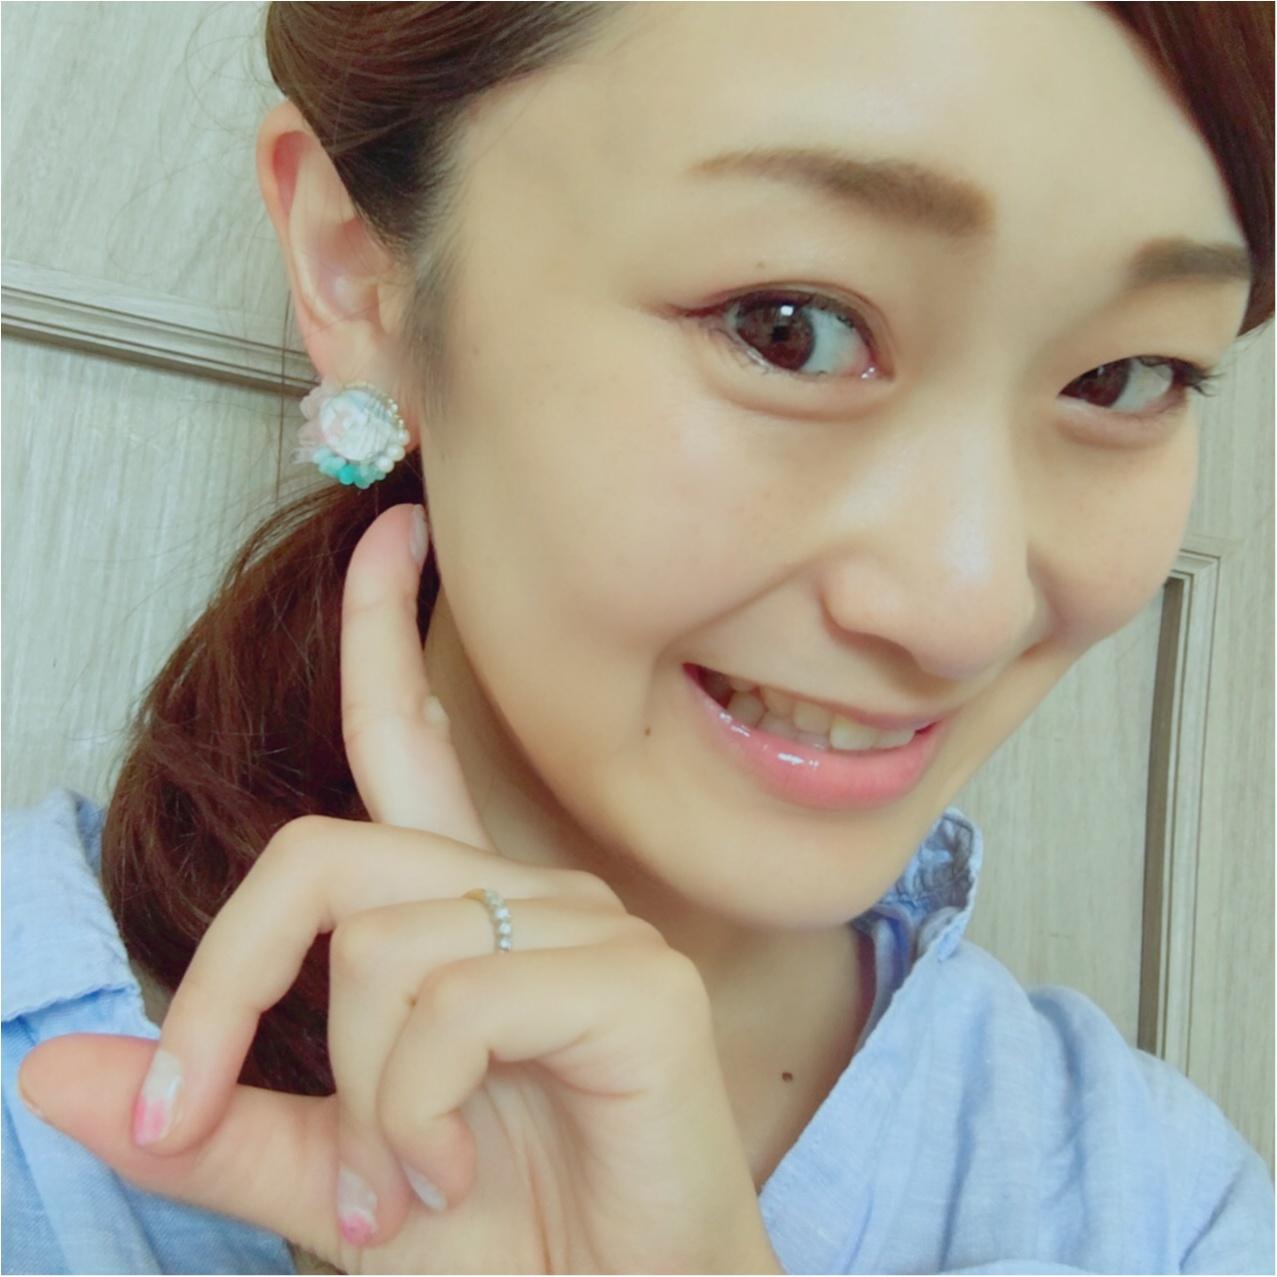 【レシピ公開】もうすぐ梅雨明け!夏にぴったりなハンドメイドのクリアイヤリング♡_5